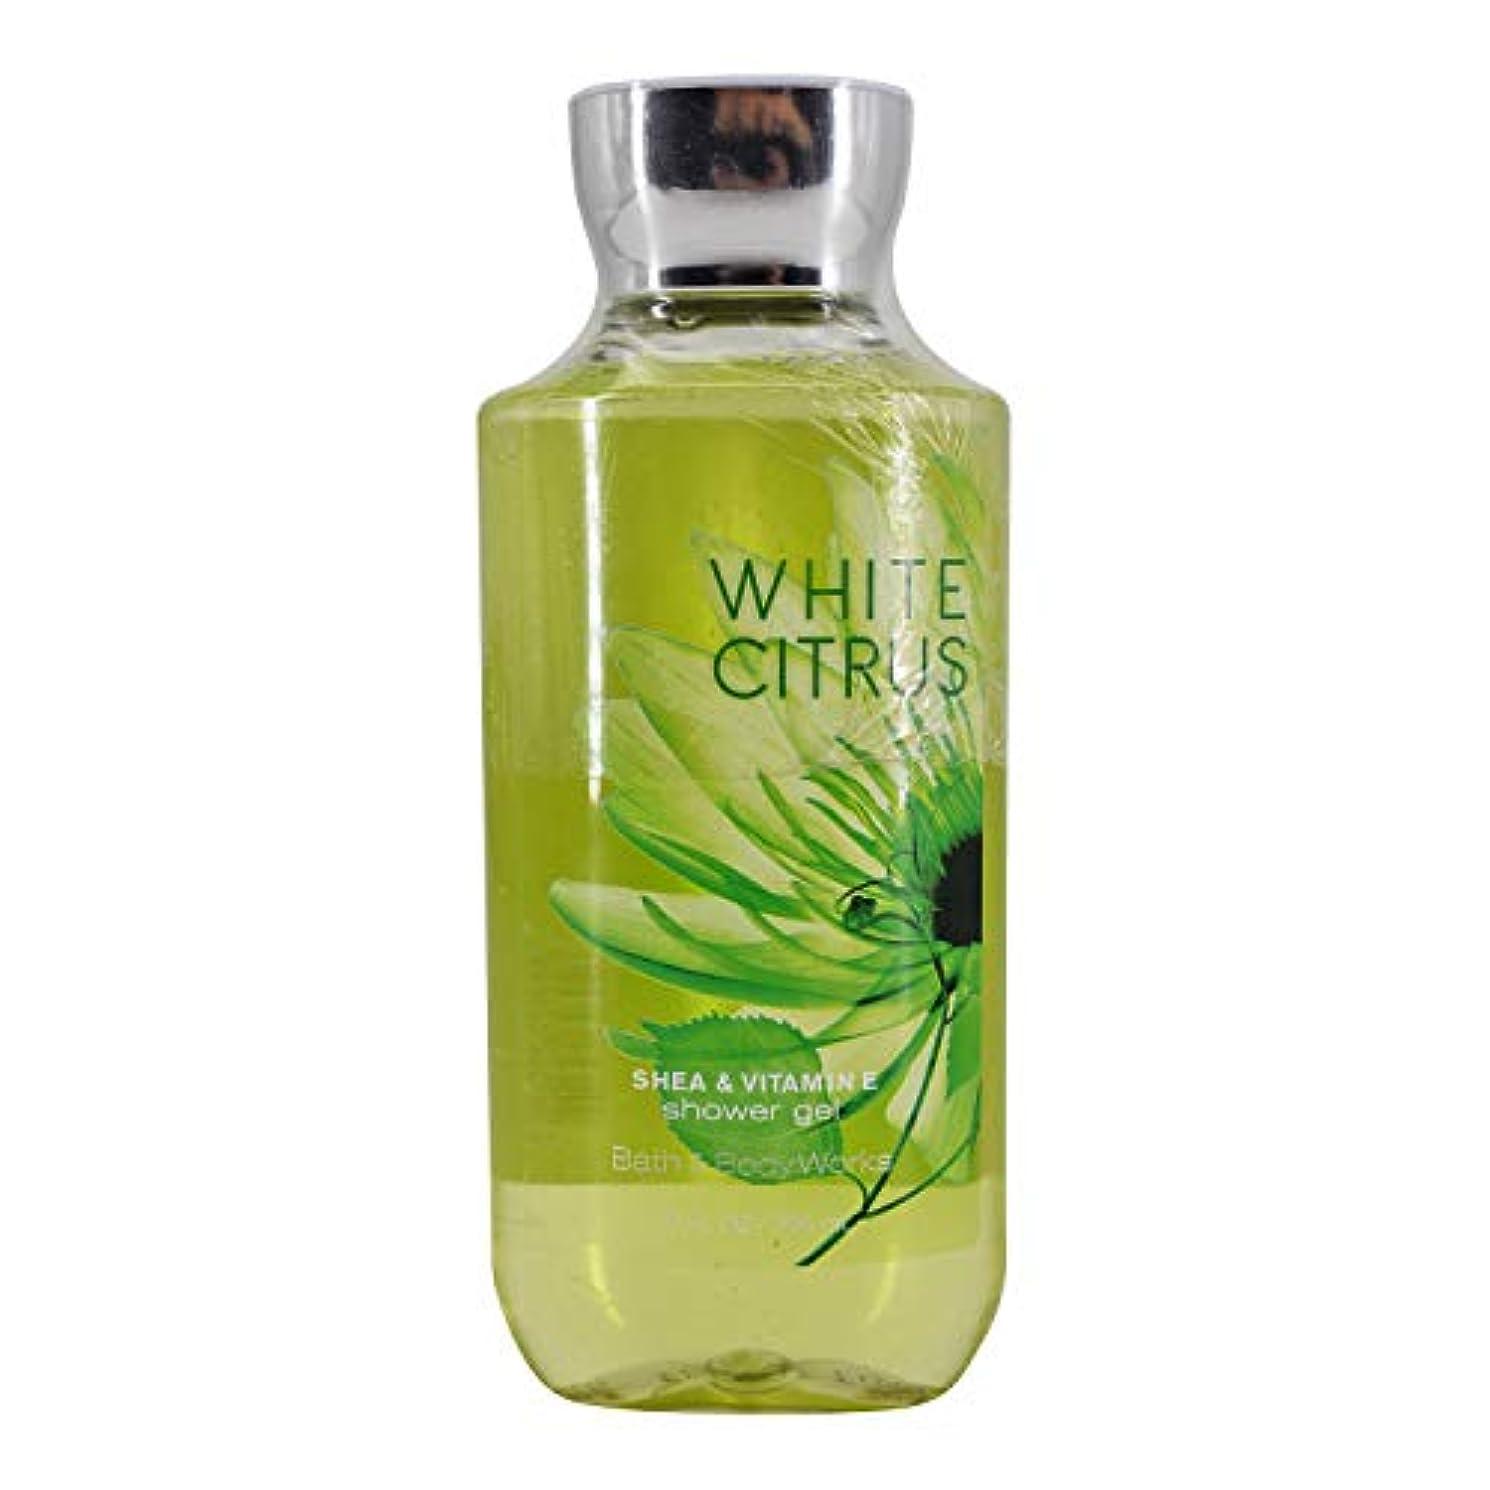 エジプト人交流するみぞれ【Bath&Body Works/バス&ボディワークス】 シャワージェル ホワイトシトラス Shower Gel White Citrus 10 fl oz / 295 mL [並行輸入品]